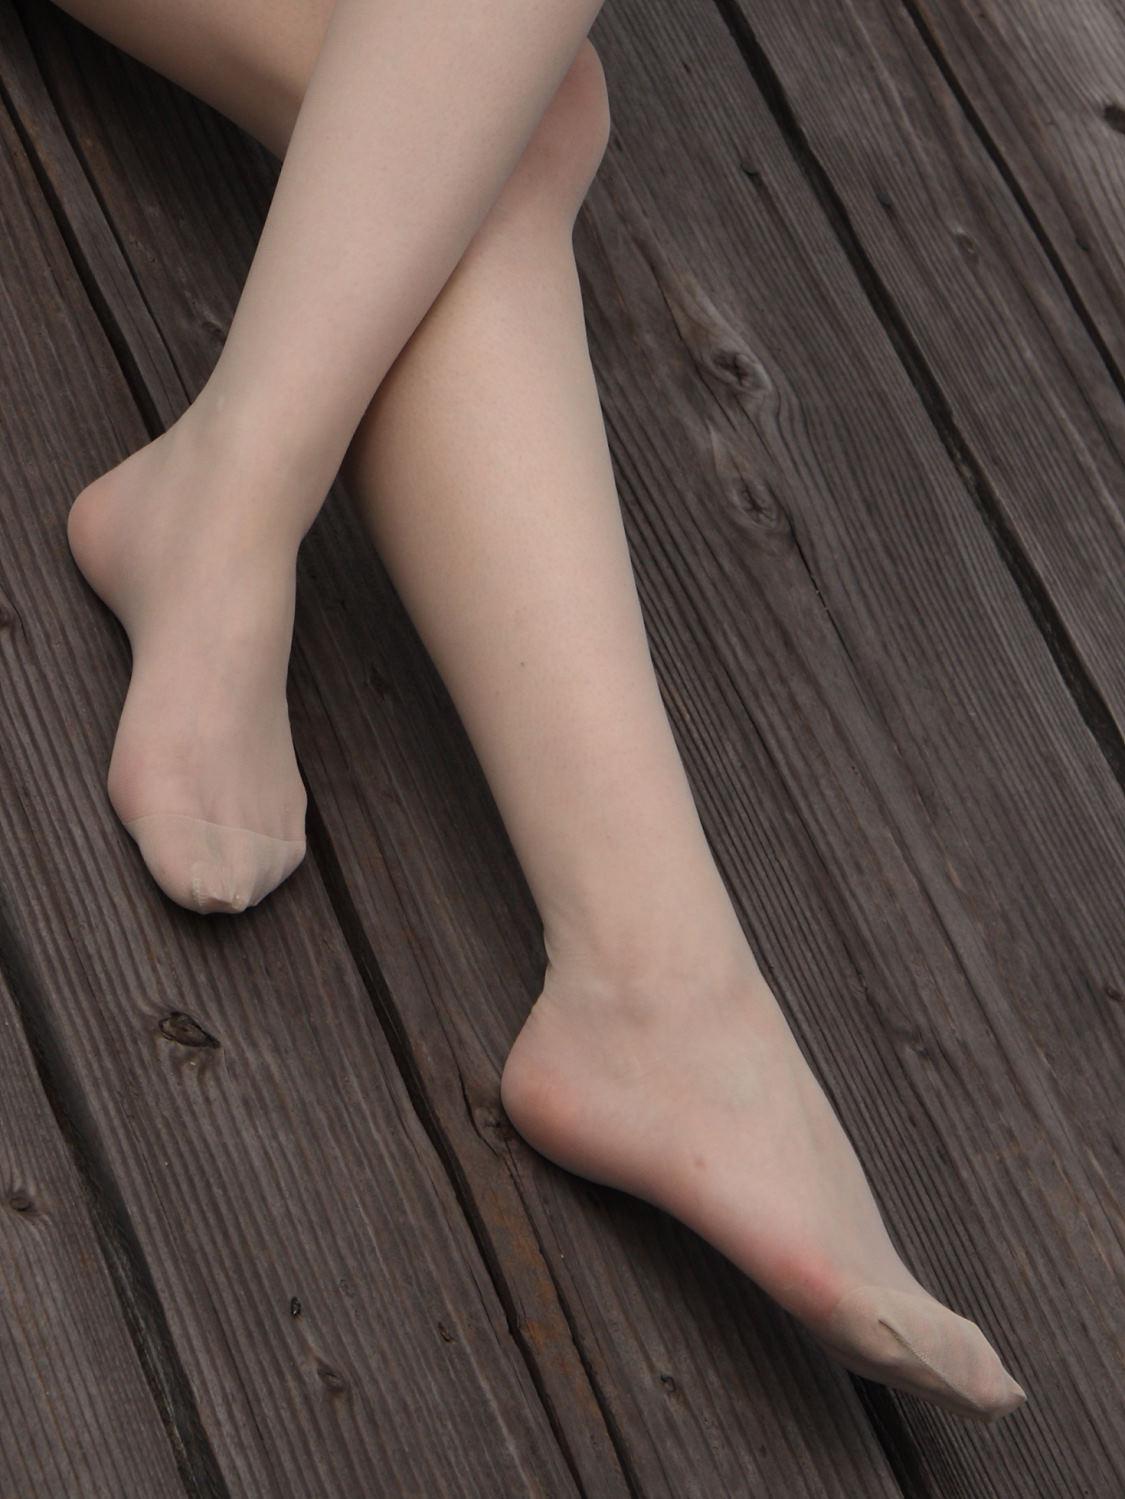 【足フェチ画像】顔を踏まれても許してしまいそうなパンストつま先画像 03